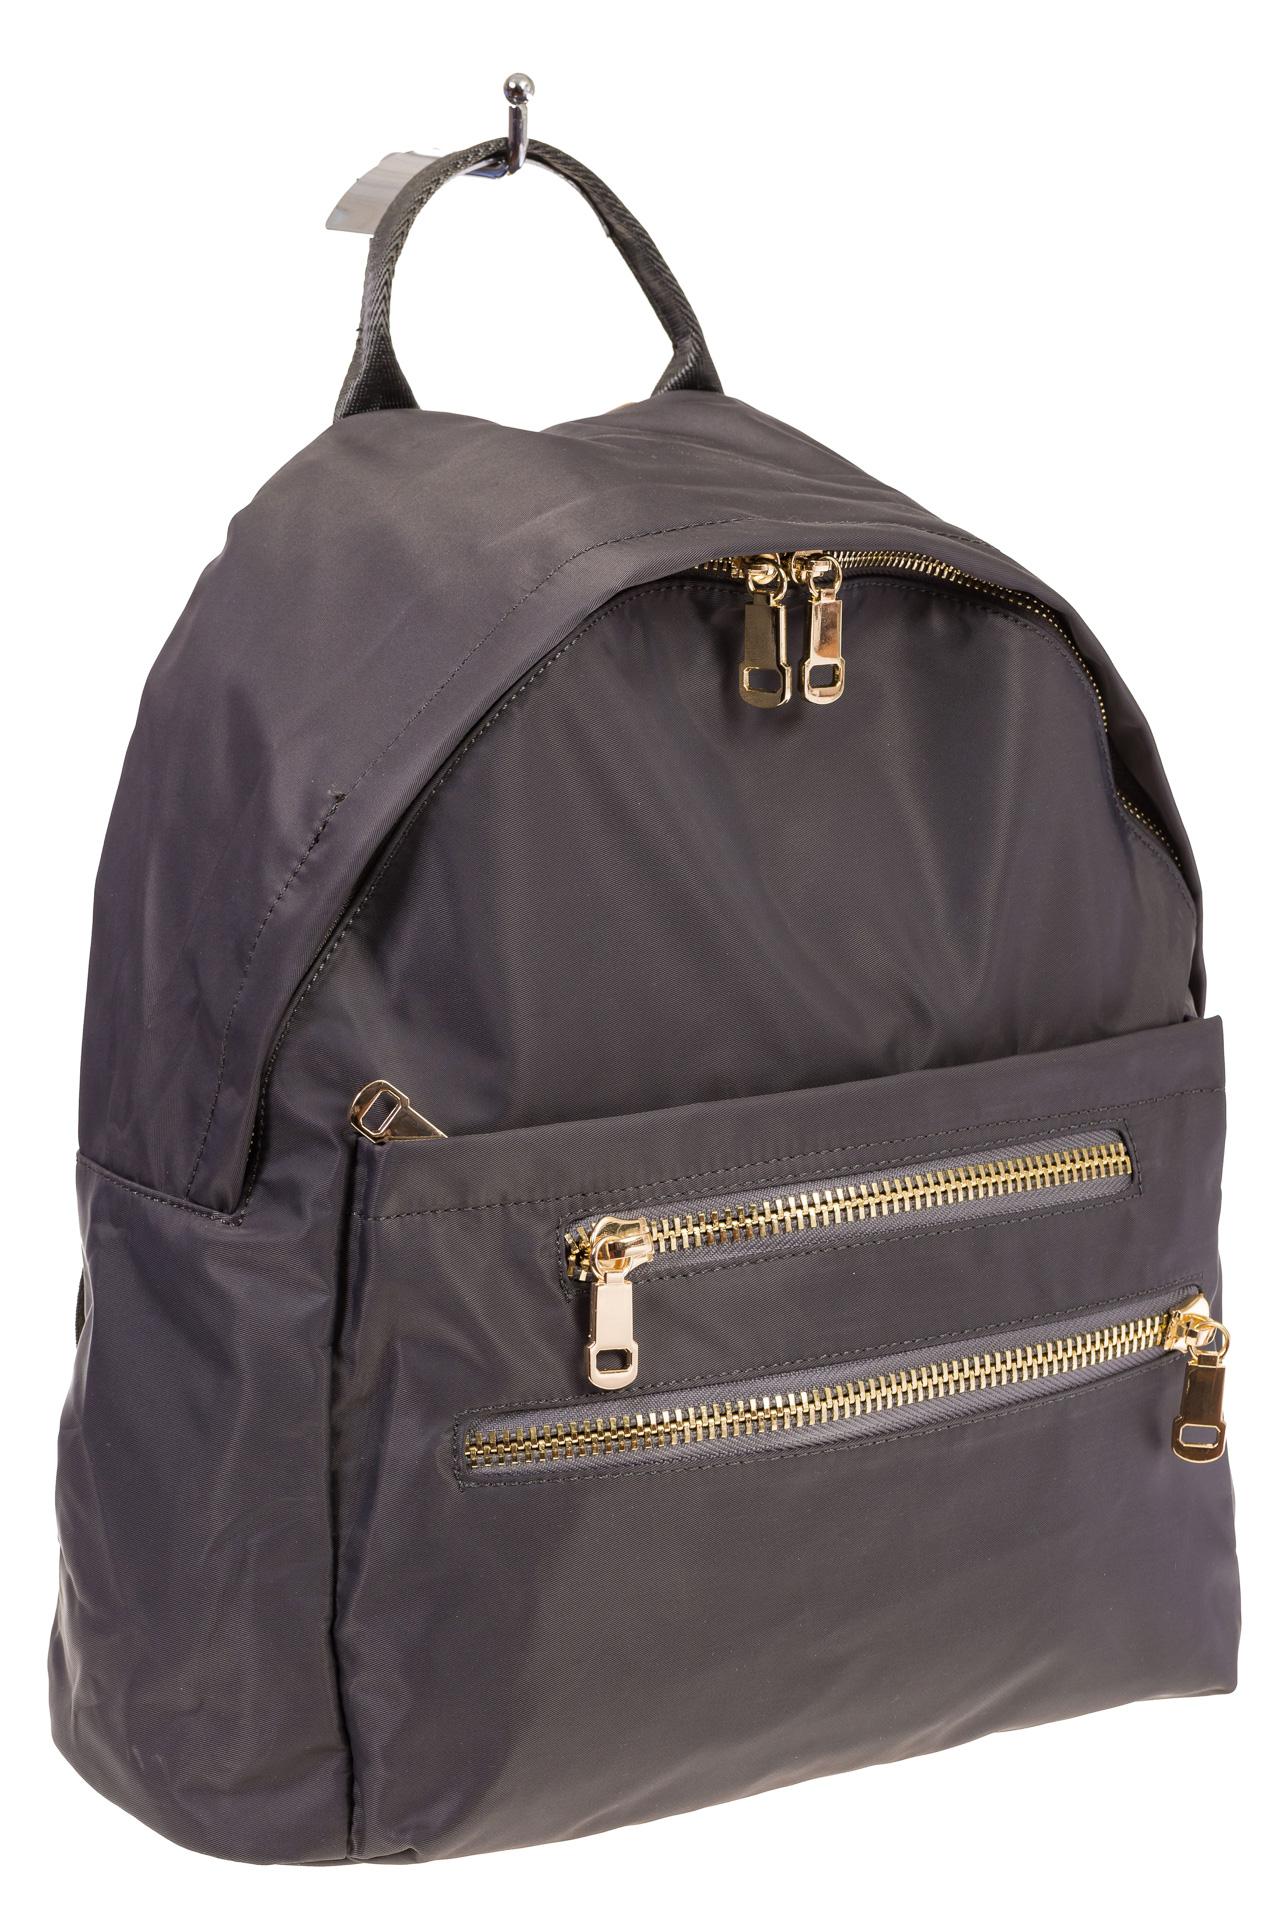 На фото аккуратный рюкзачок для женщин, цвет – серый, материал – текстиль, купить оптом в магазине Грета